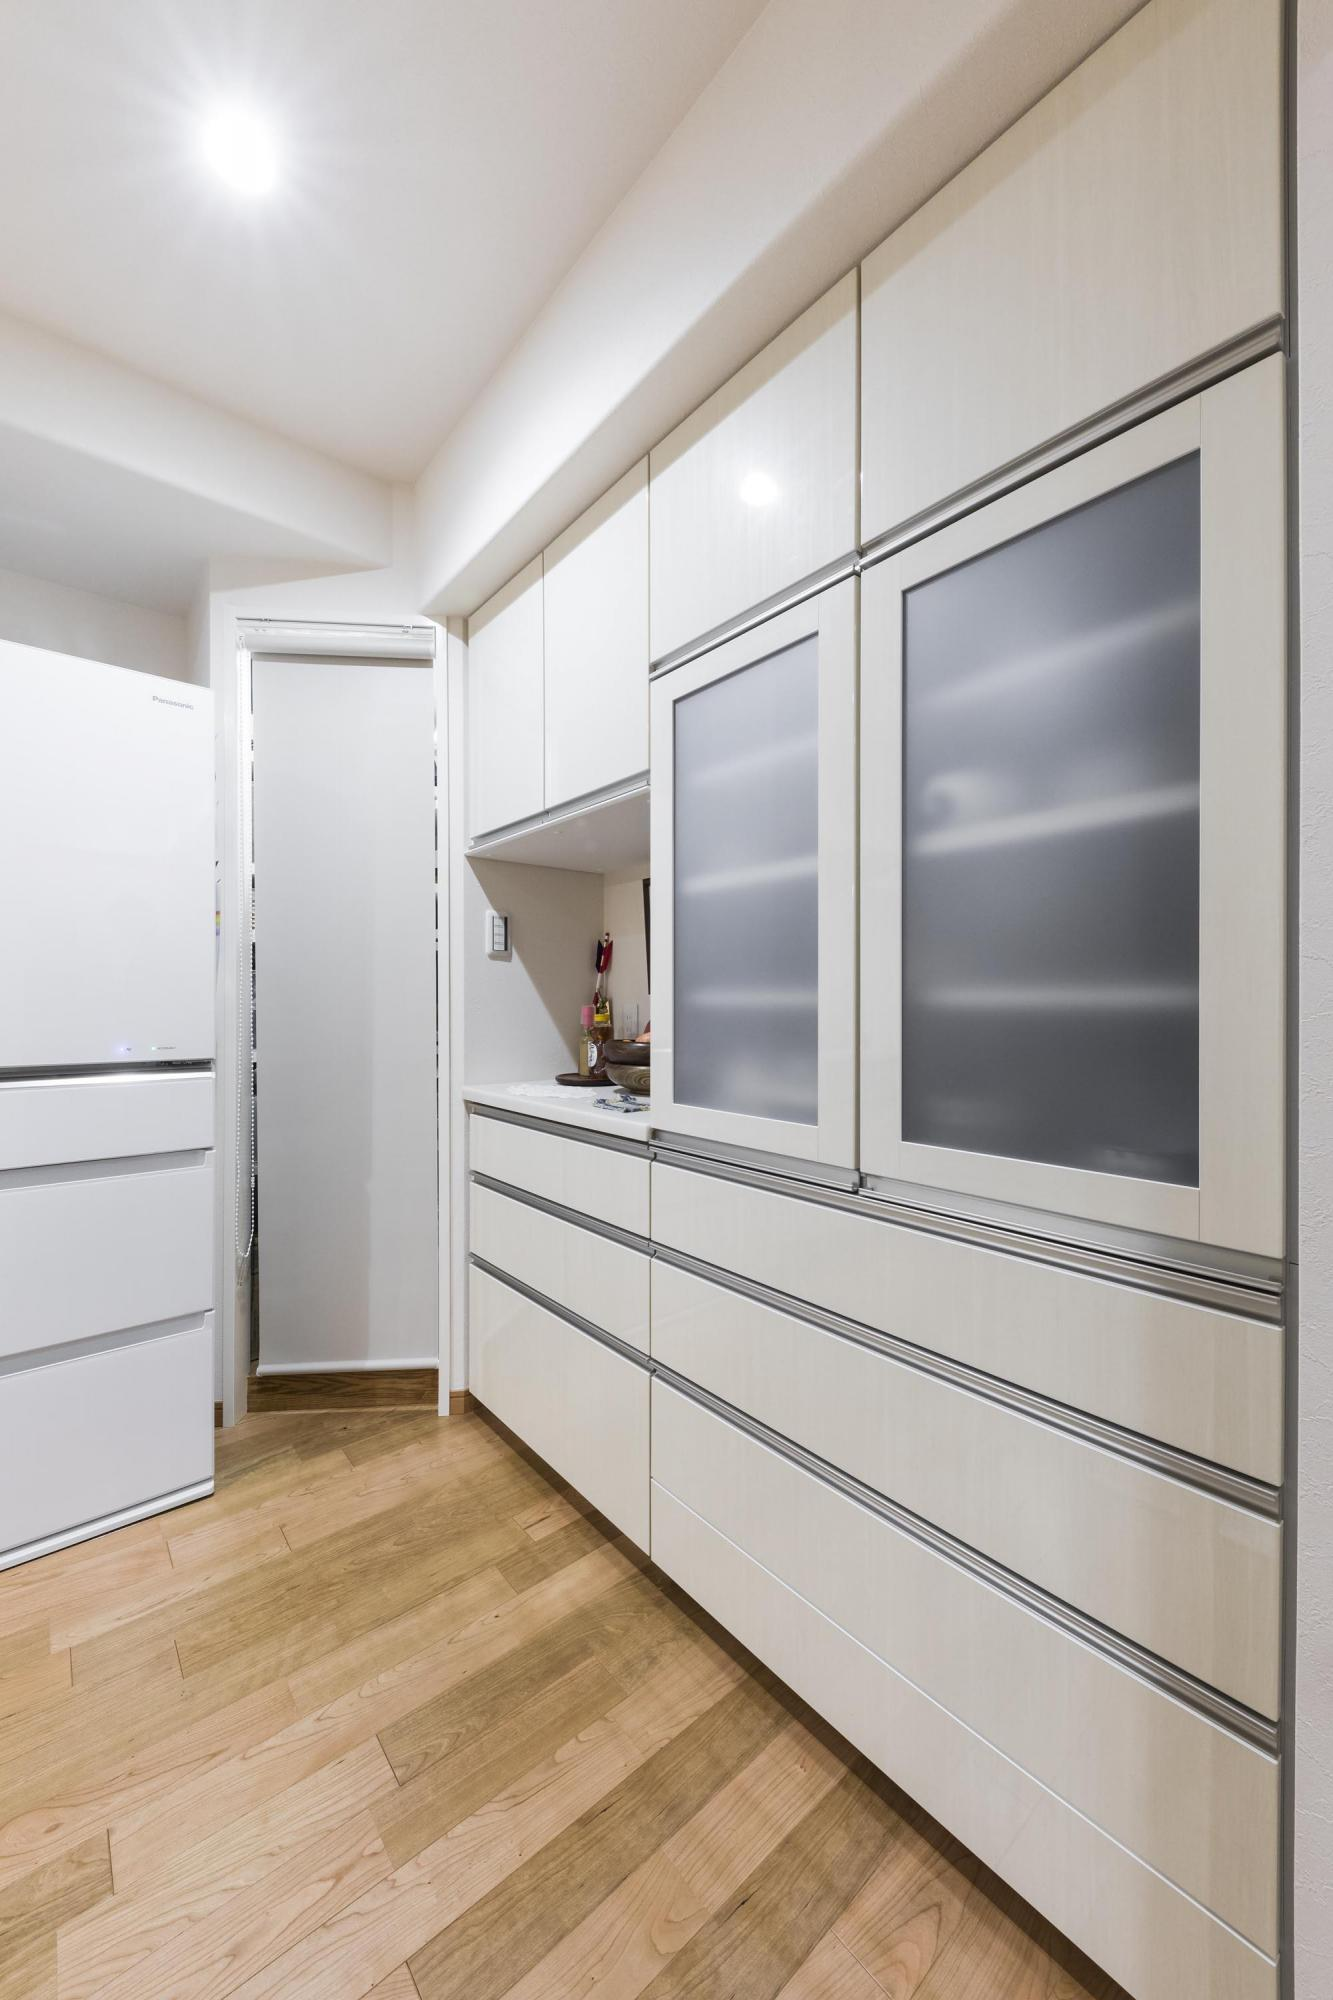 キッチンのカップボードの奥には、食品などを収納しておけるパントリーも設置。以前のキッチンにはなかった空間なので、とても重宝しているという。白を基調にしたカップボードの面材が、空間をより明るく演出している